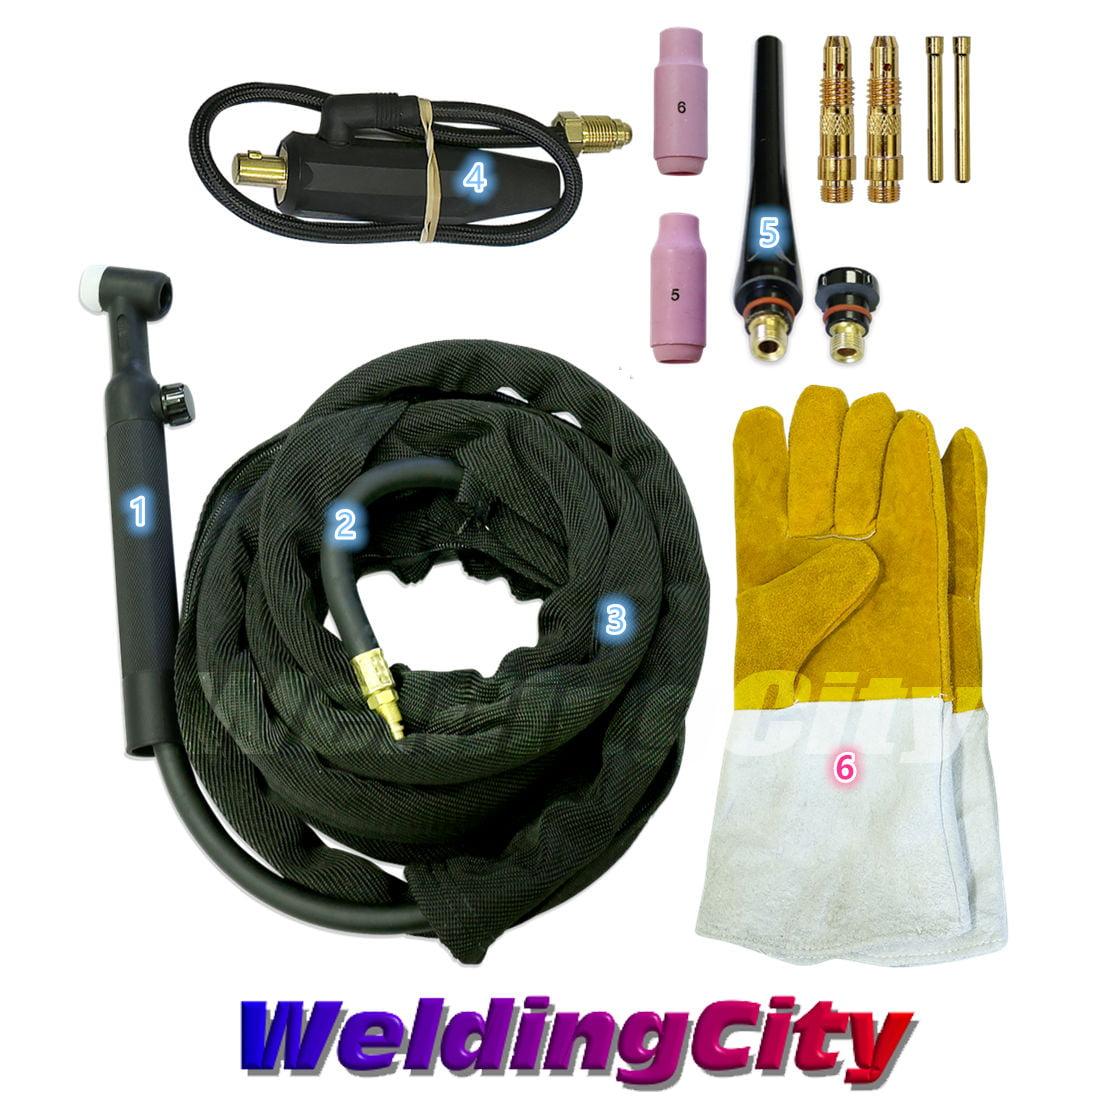 WeldingCity® TIG Welding Torch Body WP-17F Flex-Head Air-Cool 150AUS Seller